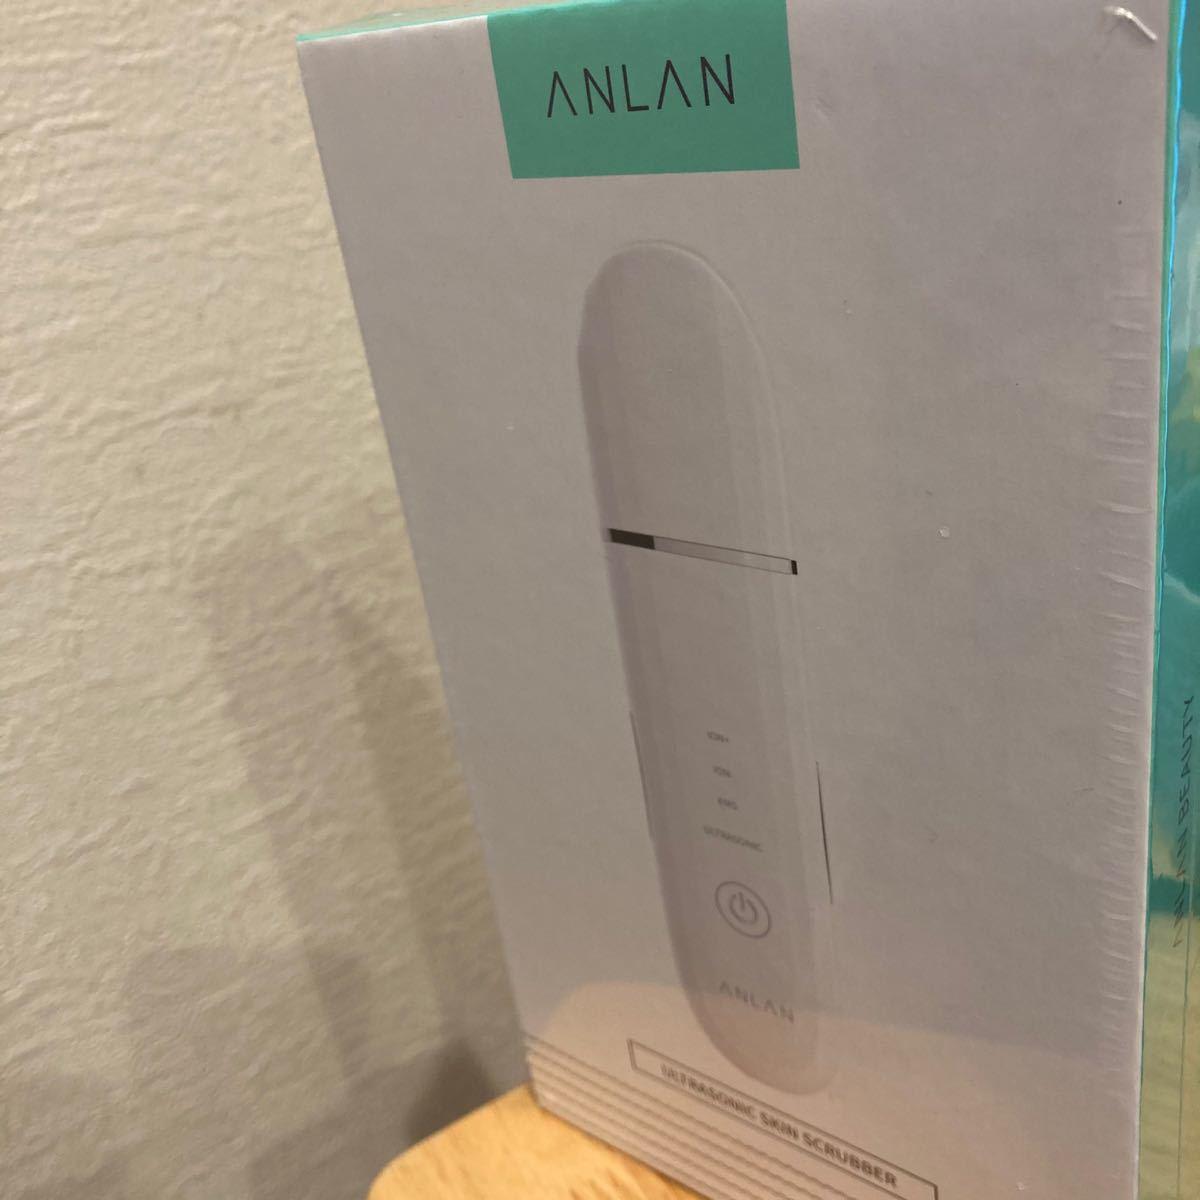 ウォーターピーリング ANLAN 超音波 美顔器 超音波ピーリング 超音波振動 EMS イオン導入 イオン導出 USB充電式